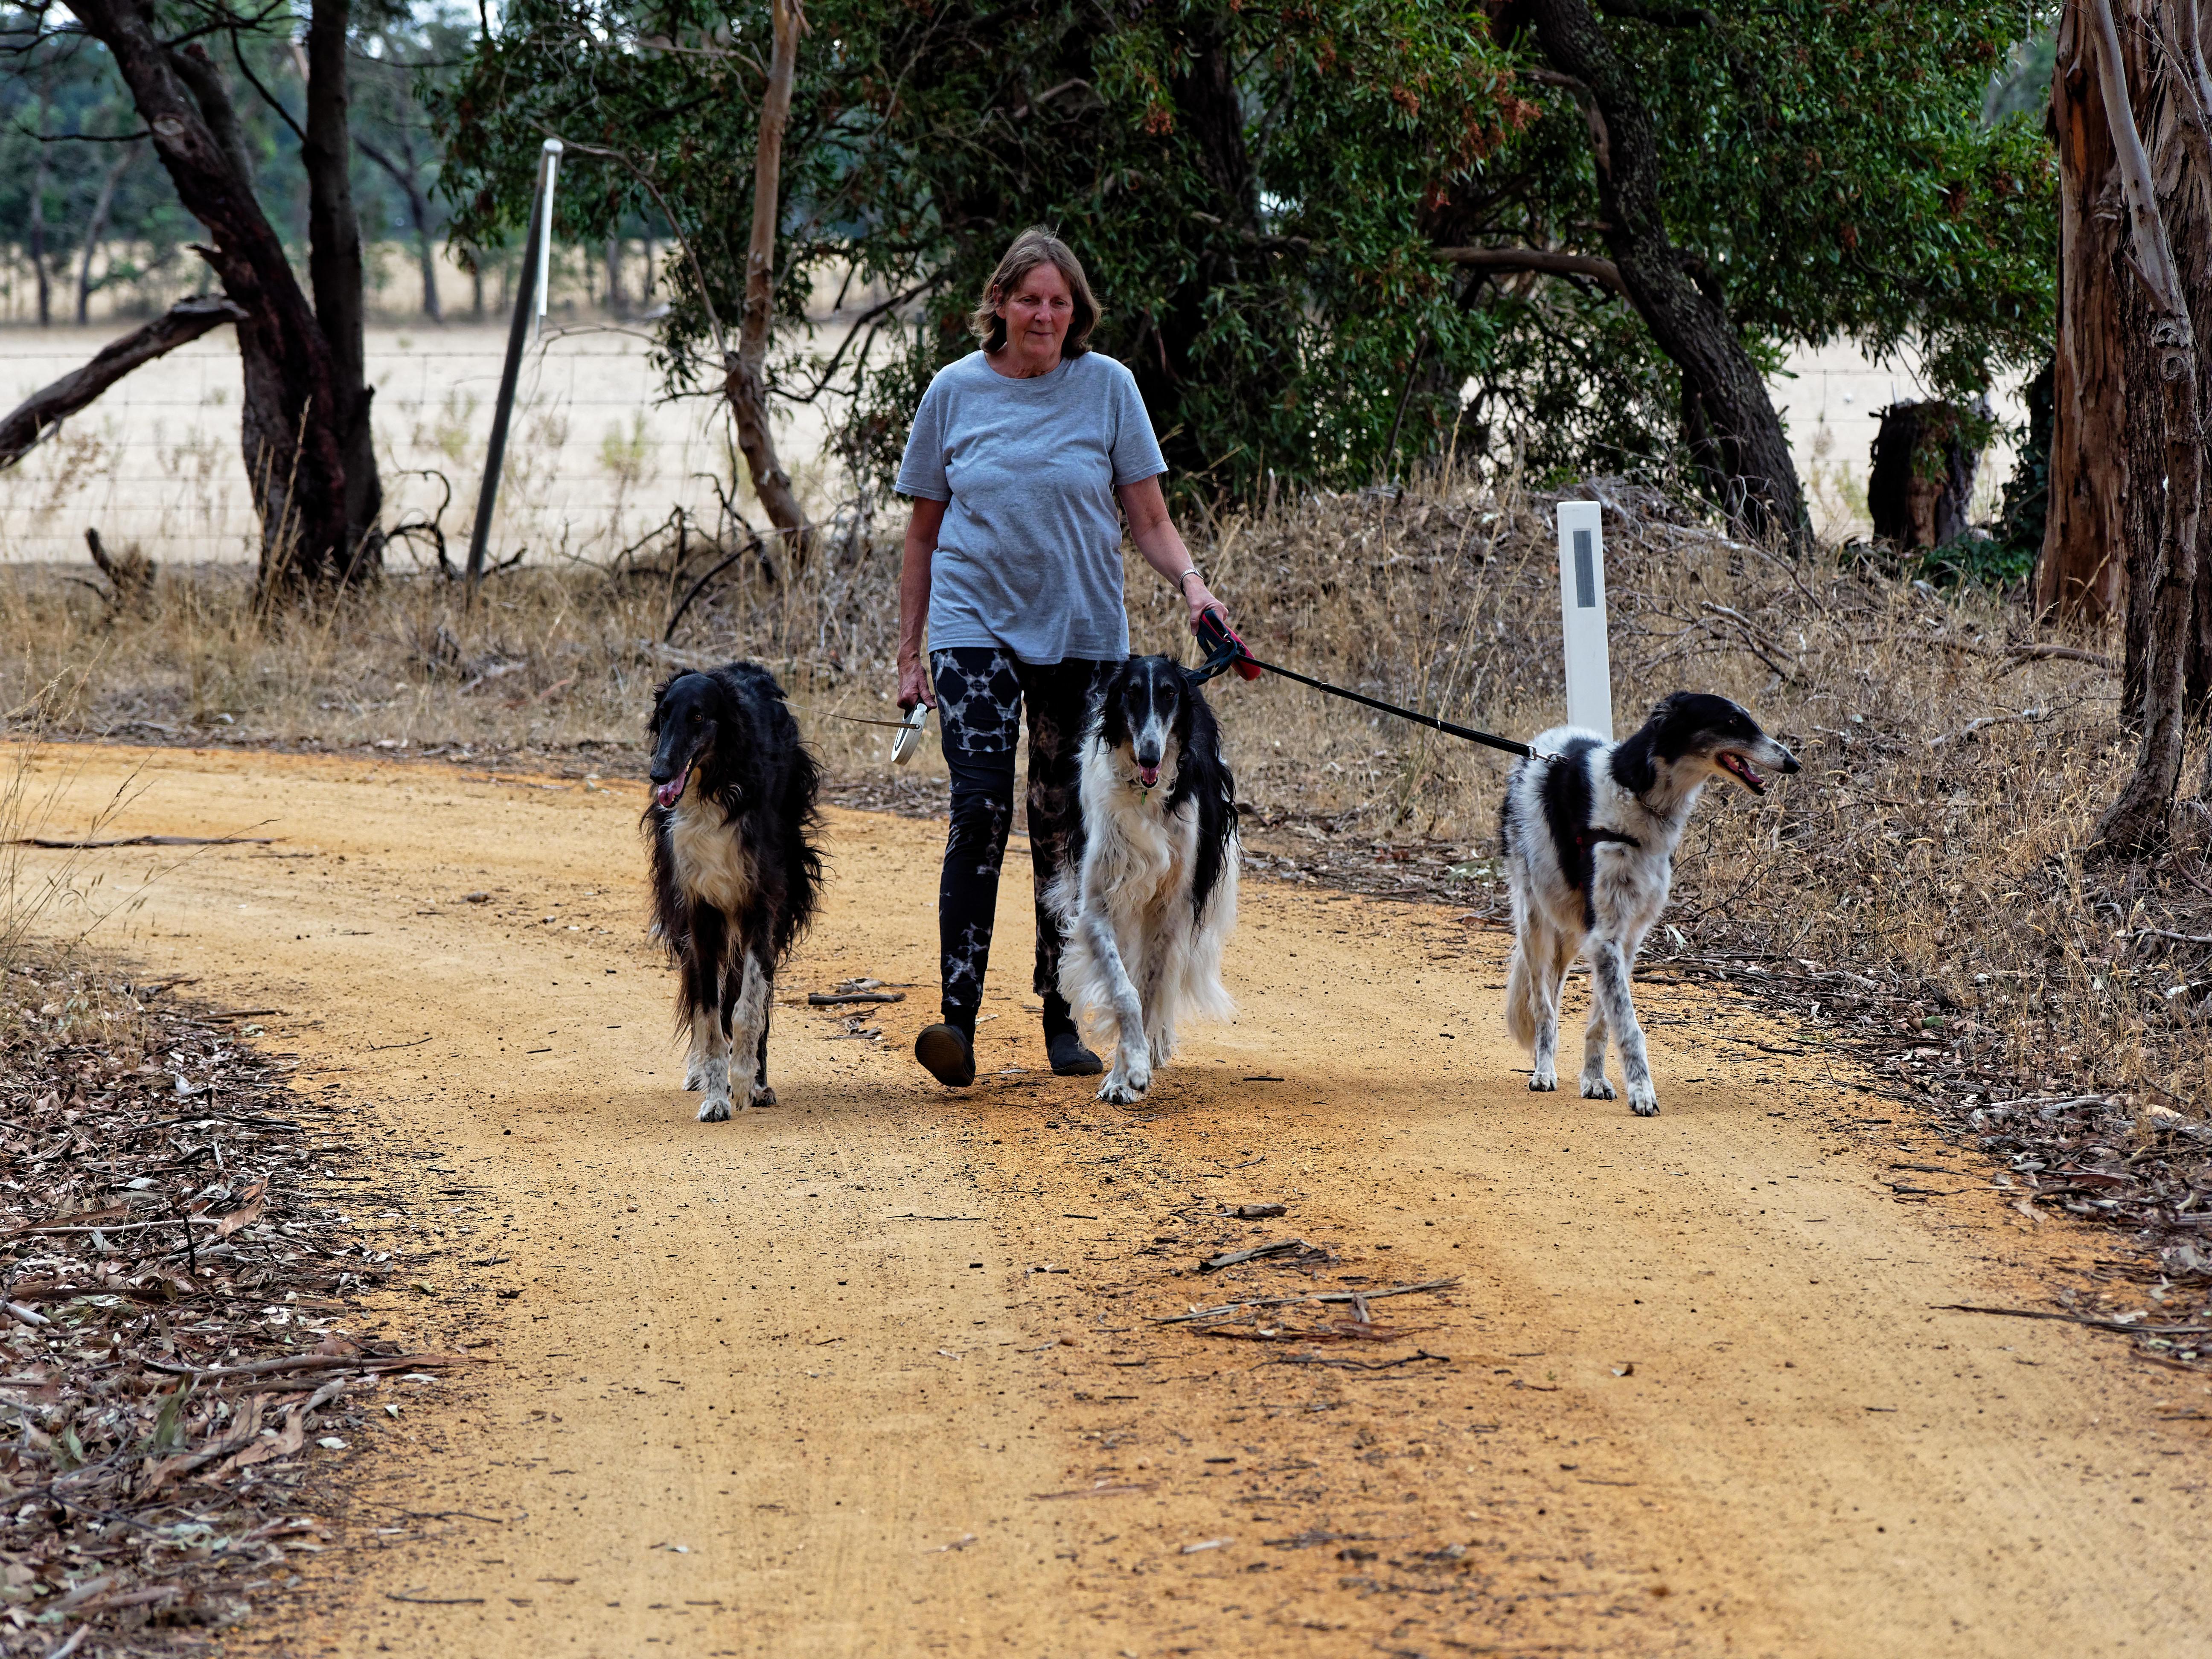 Walking-dogs-23.jpeg